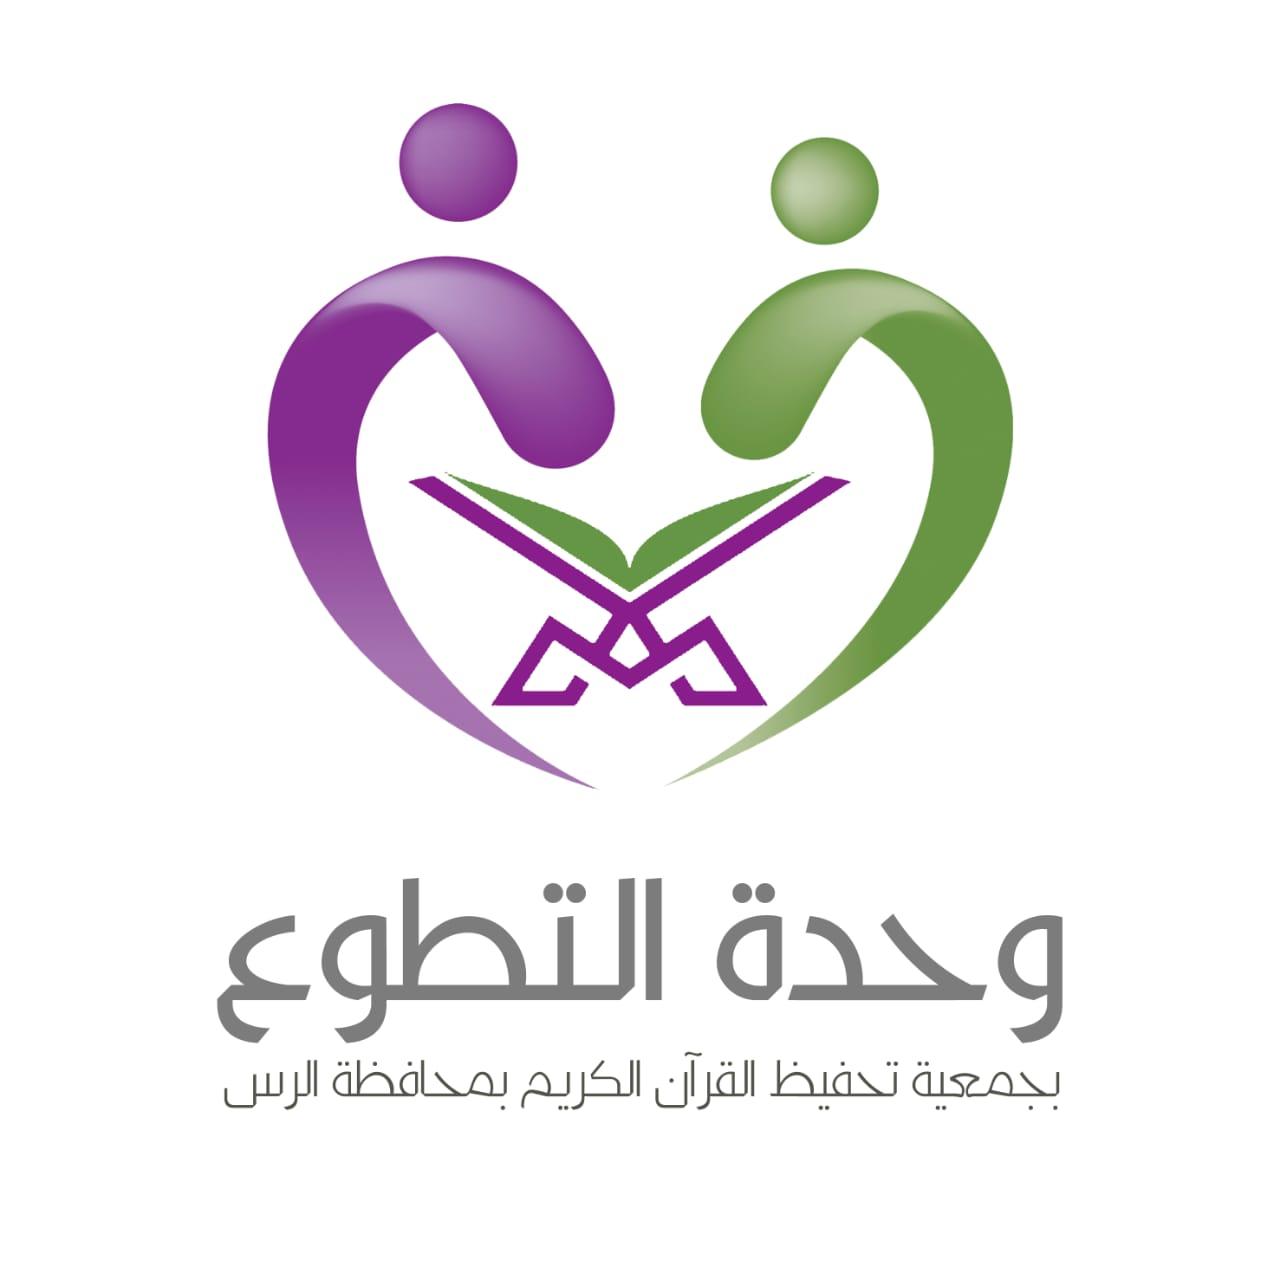 ترغب وحدة التطوع في الجمعية بحصر أعداد المتطوعين والمتطوعات لمنسوبيها